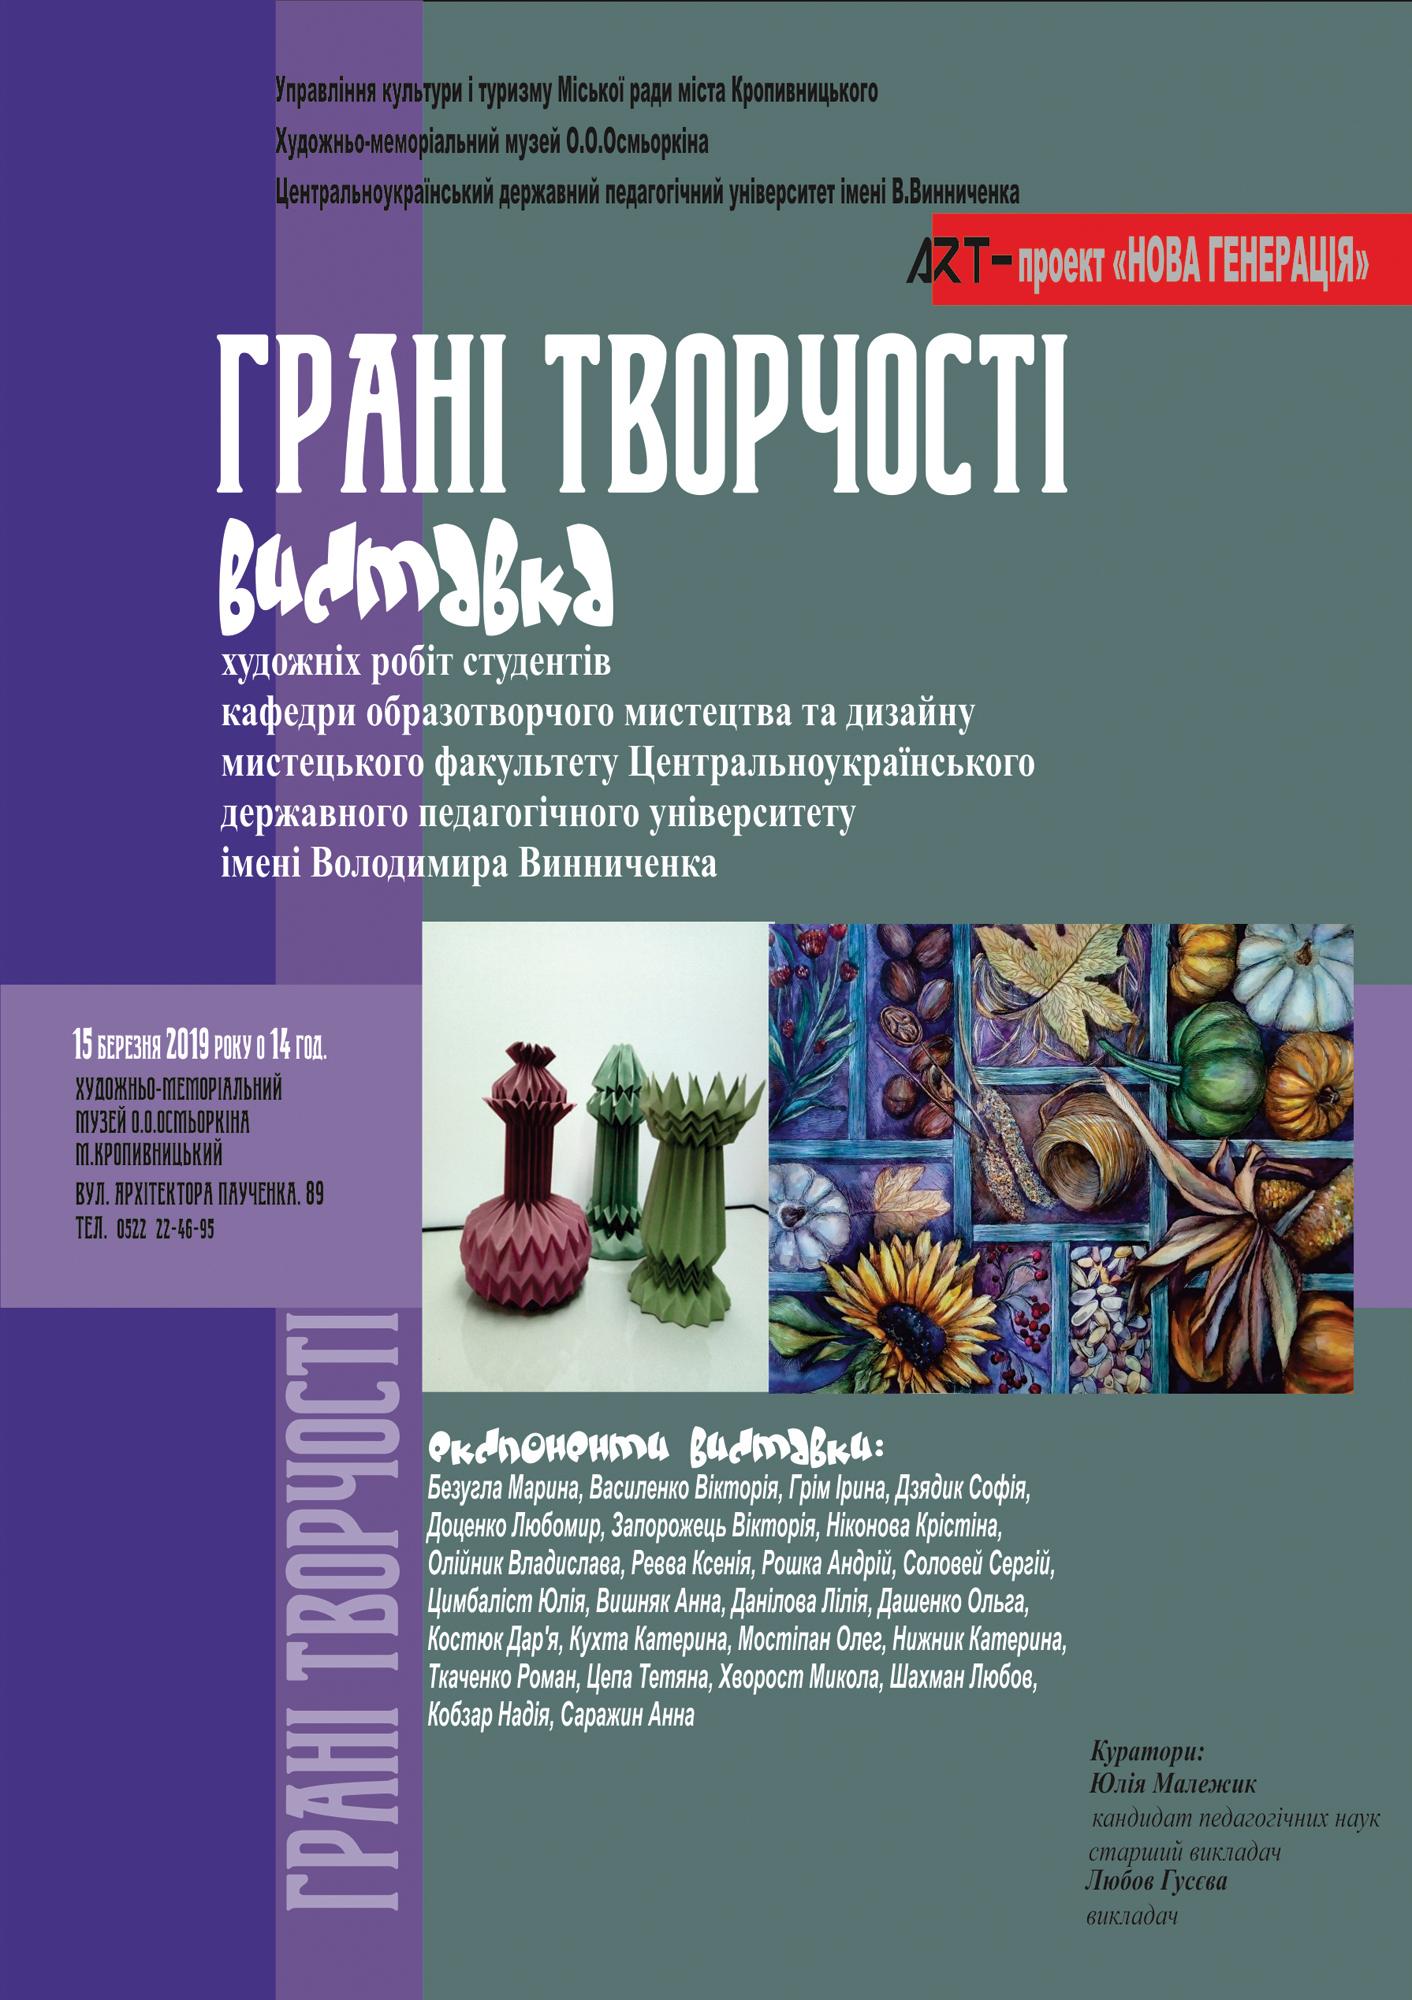 У Кропивницькому пройде виставка студентських робіт